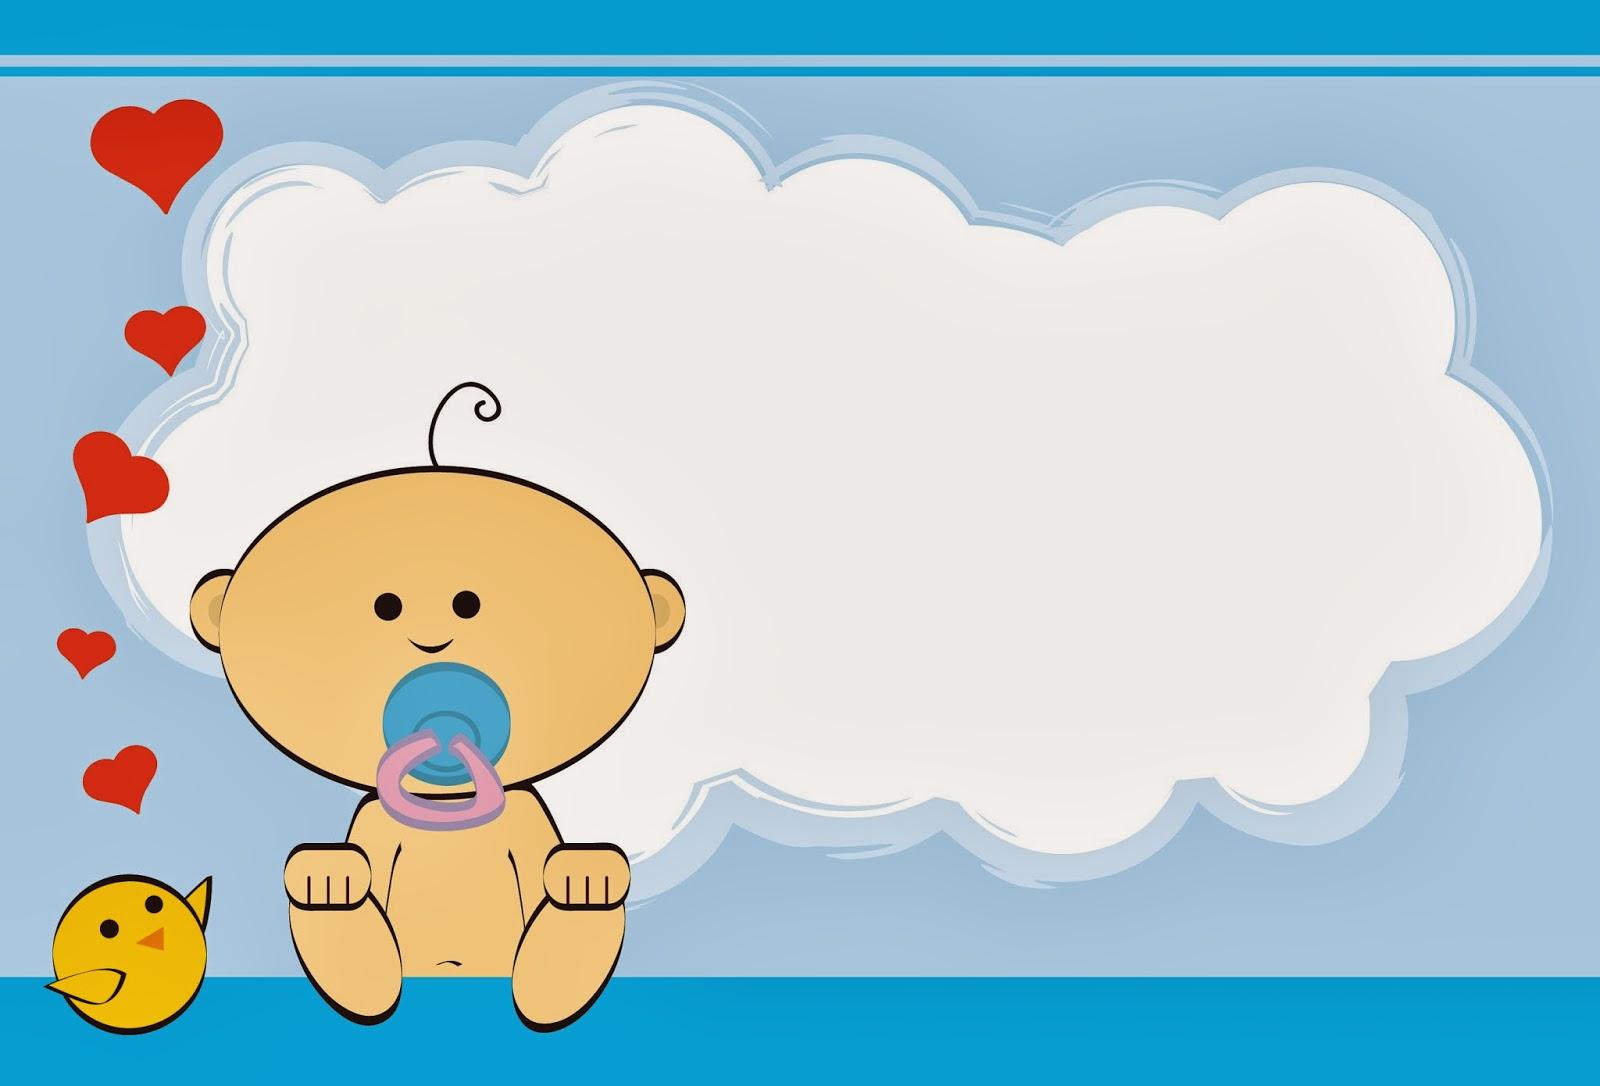 Dibujos de beb s ni os tiernos imagui - Dibujos para paredes de bebes ...